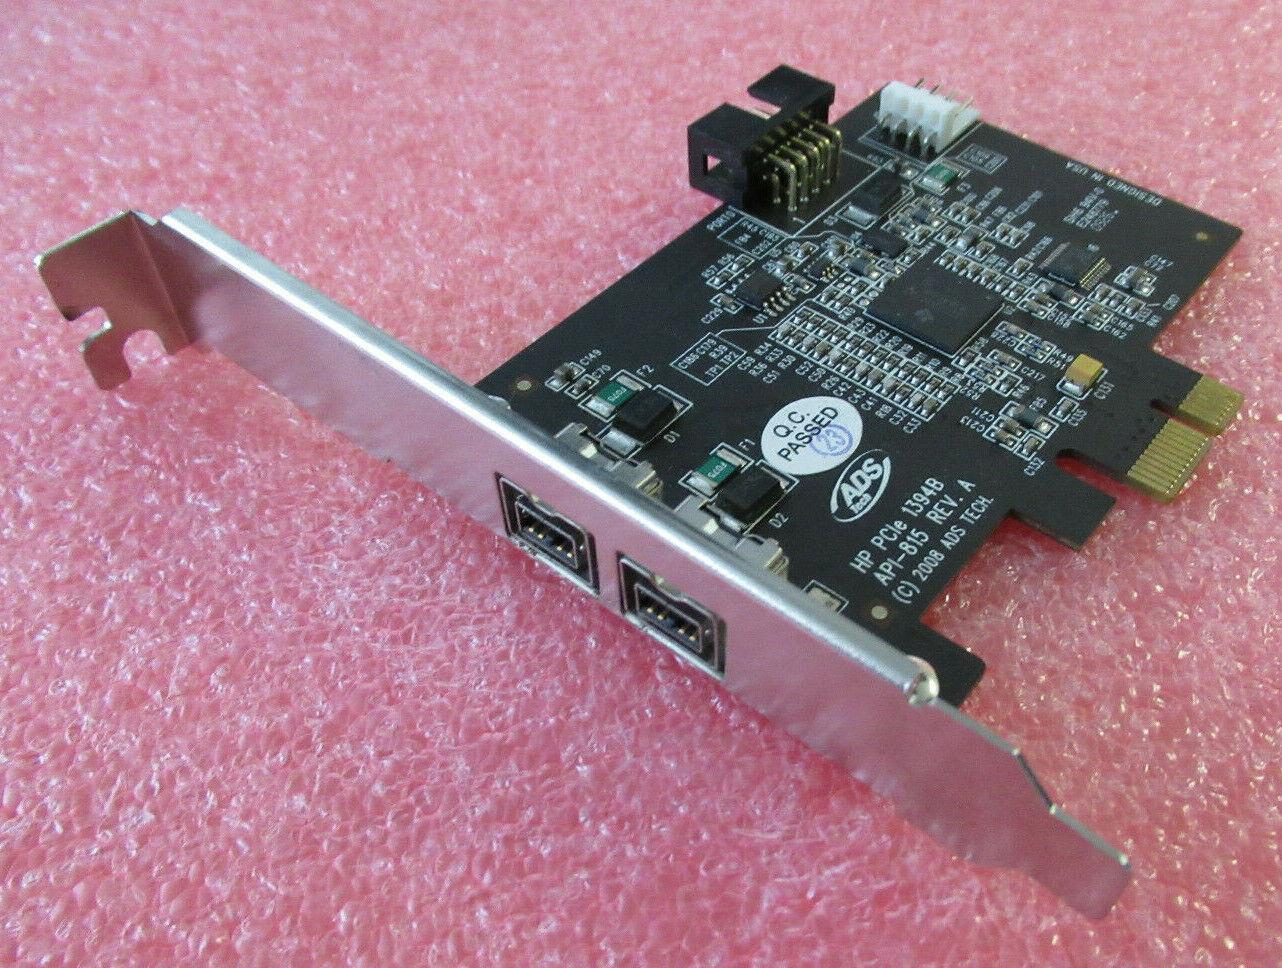 HP FIREWIRE CARD DUAL 1394B PORT PCI-E FIREWIRE MODULE 491886-001 508927-001